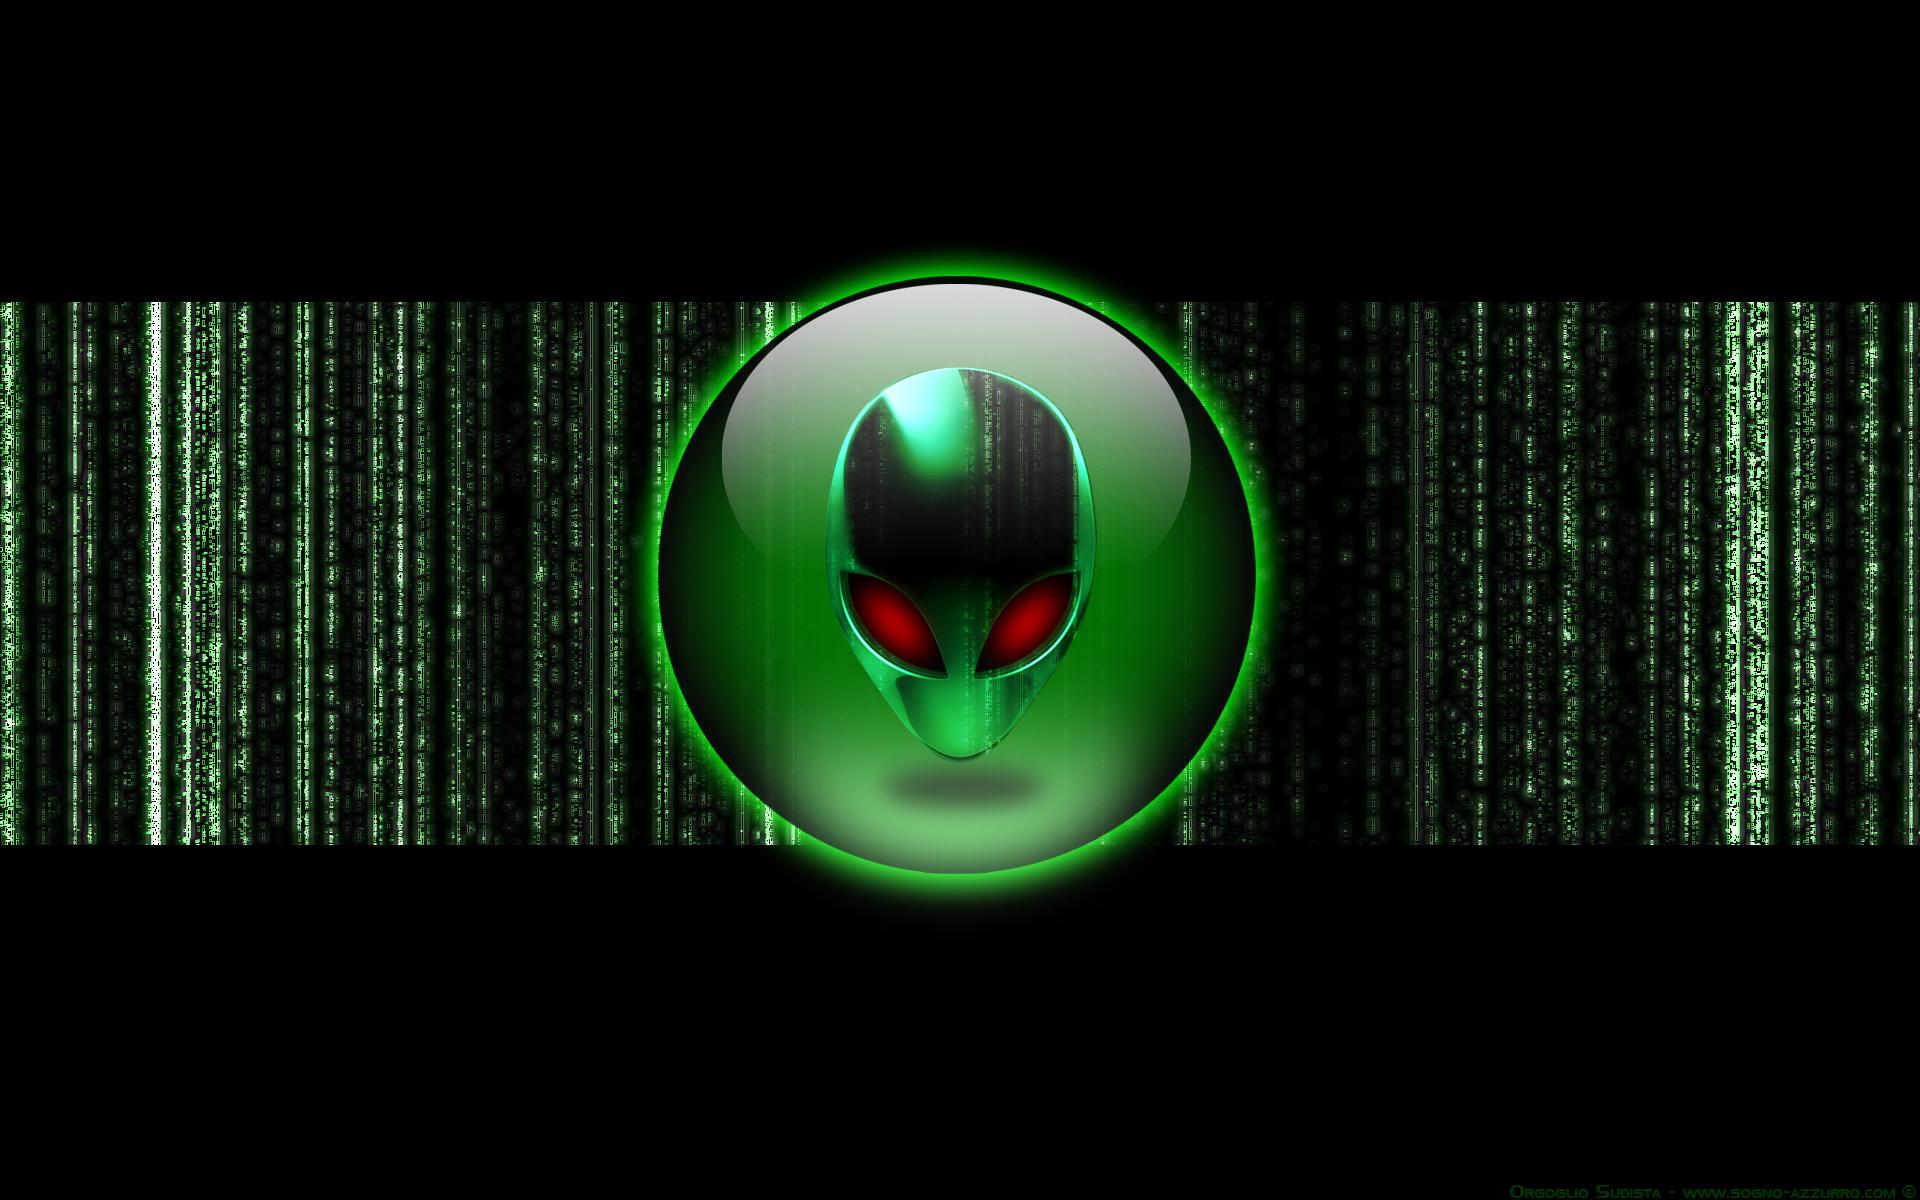 weeskcomwallpaperinformatiquealienwarealienware 78 alienware 1920x1200